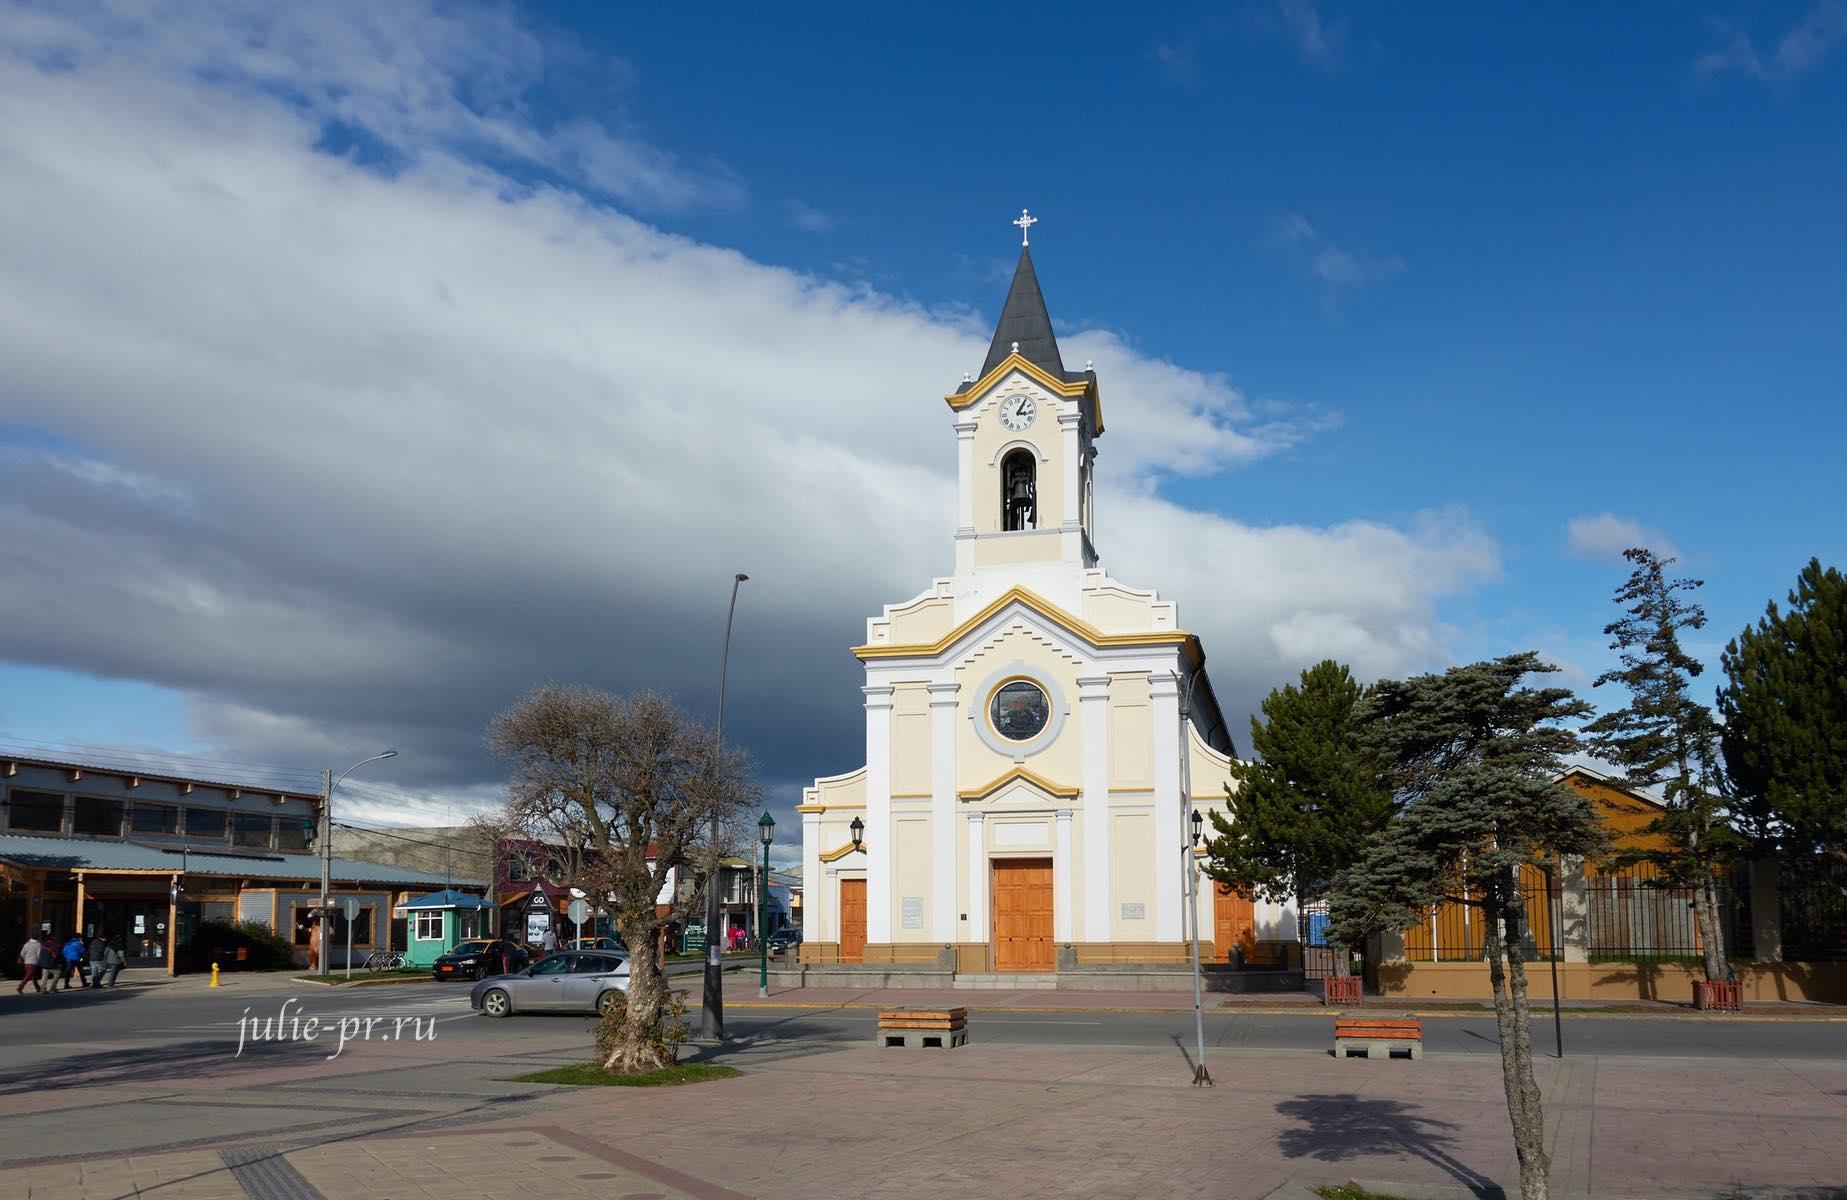 Чили, Патагония, Пуэрто-Наталес, собор